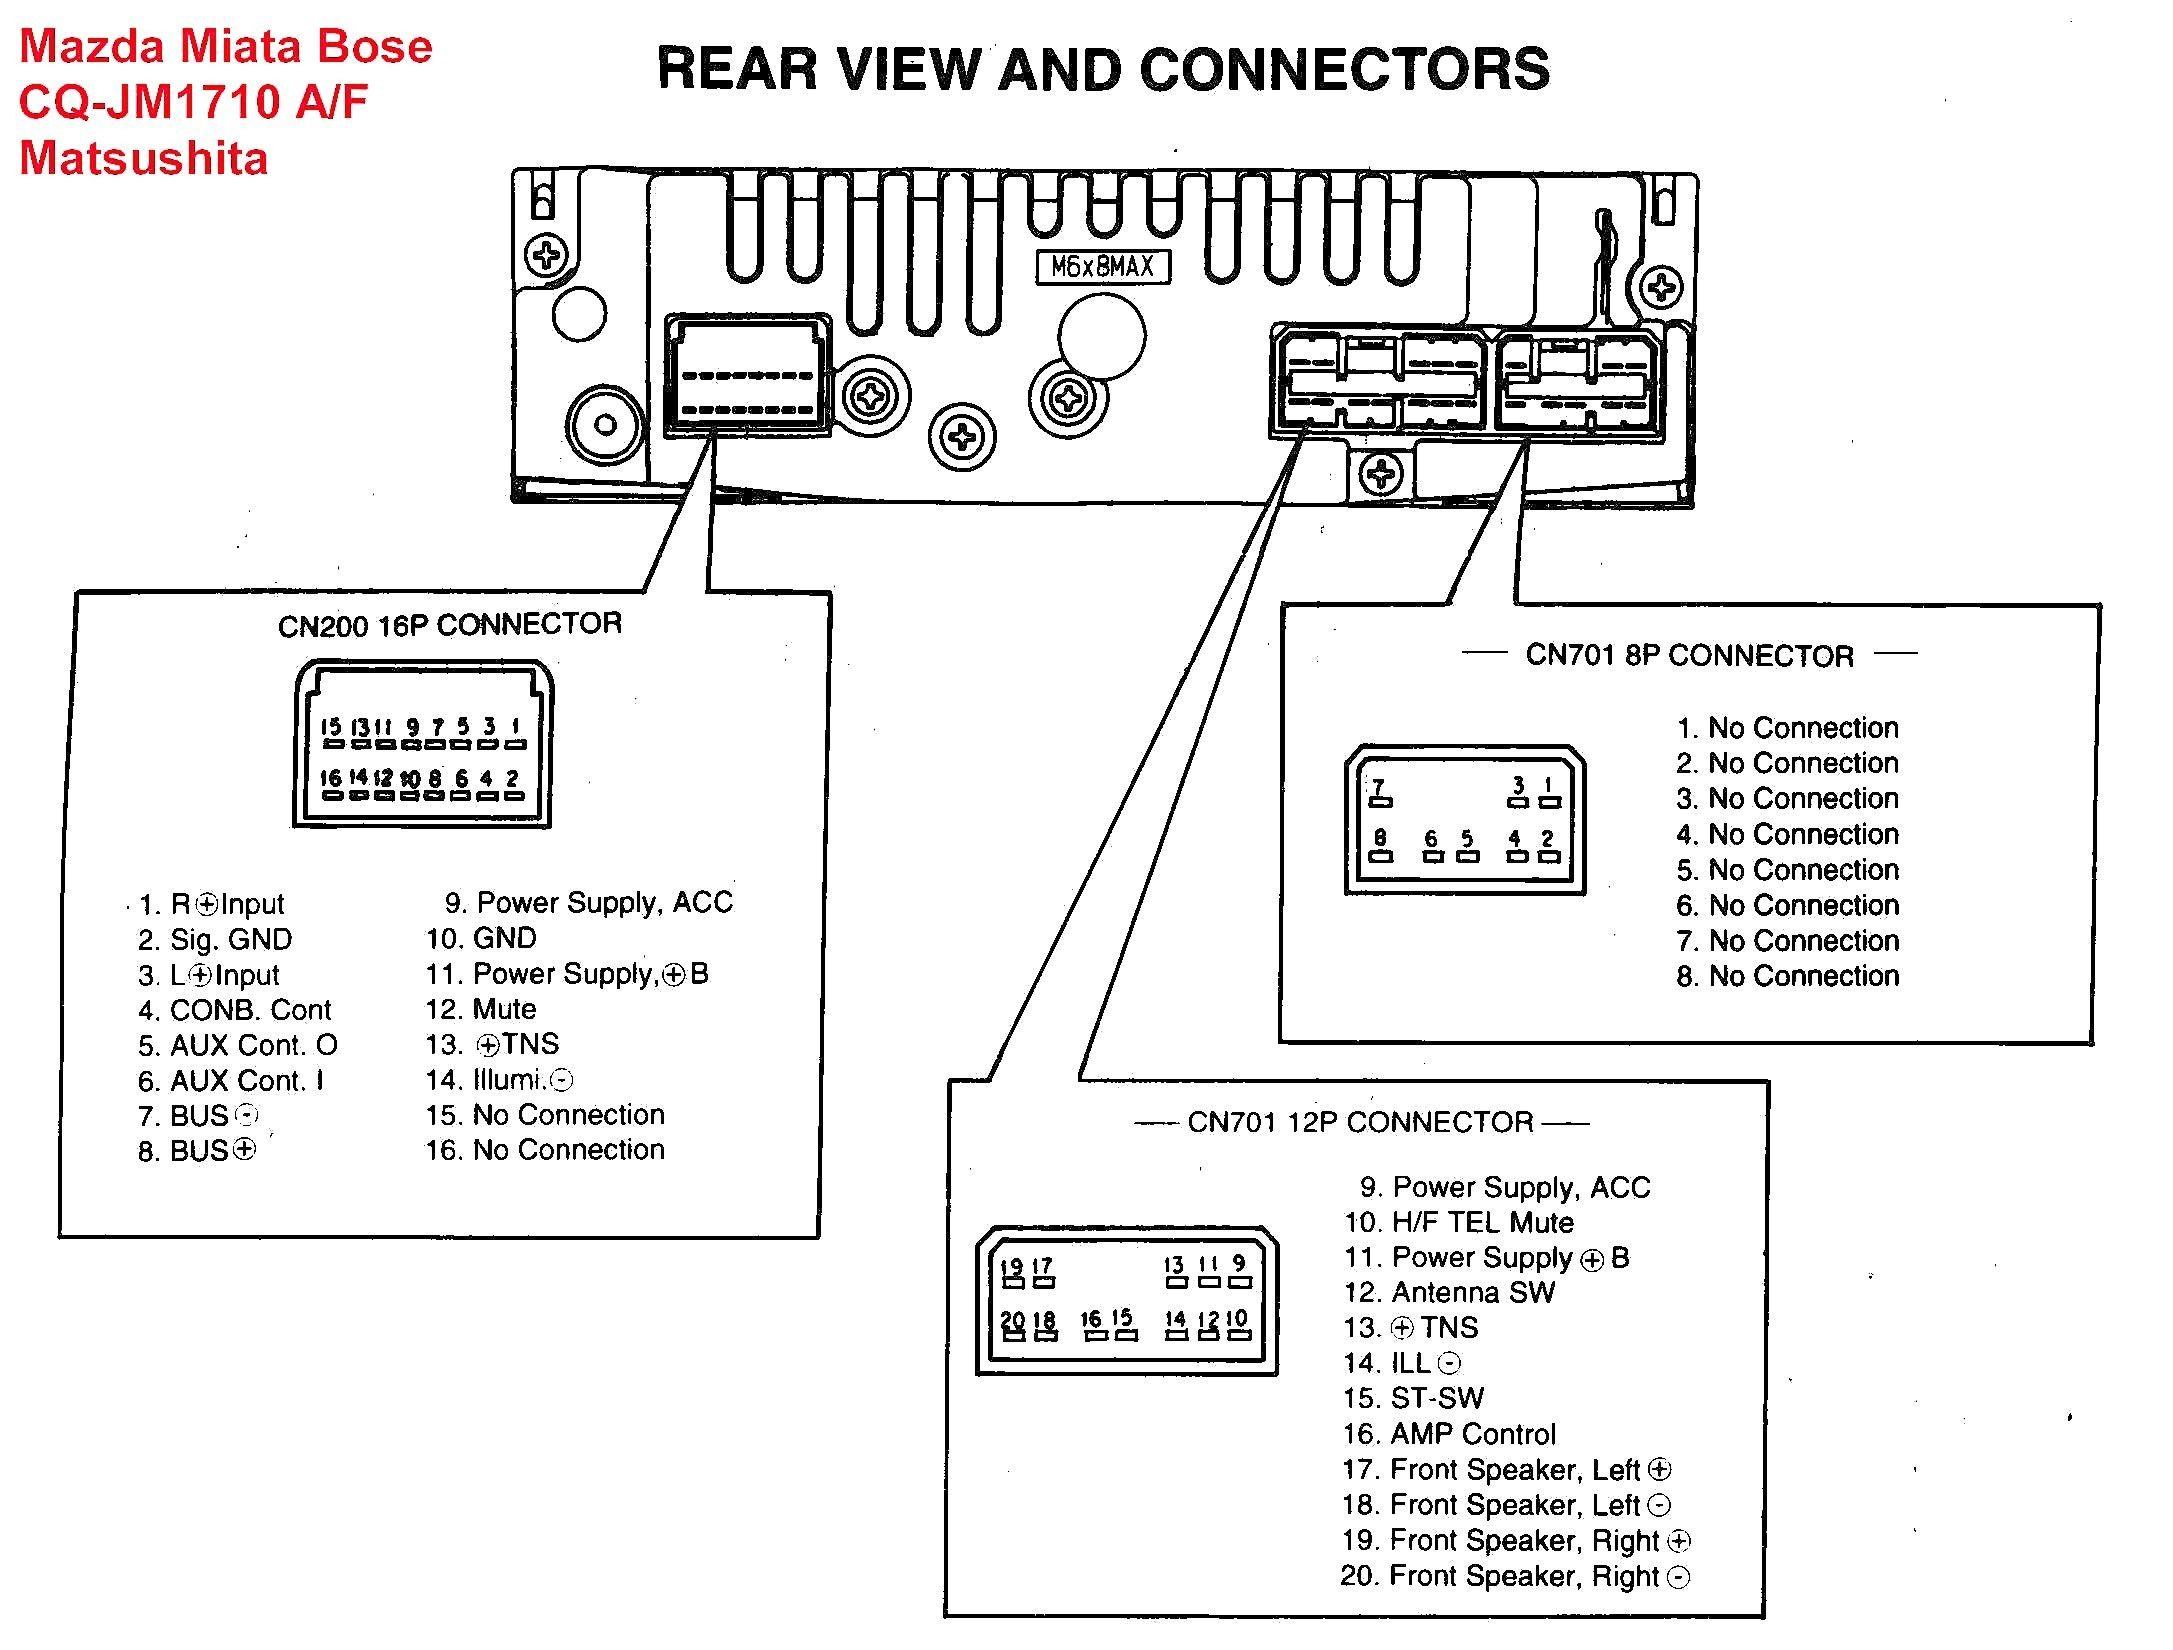 New Delco Amplifier Wiring Diagram Diagram Diagramtemplate Diagramsample Diagrama De Instalacion Electrica Bose Instalacion Electrica